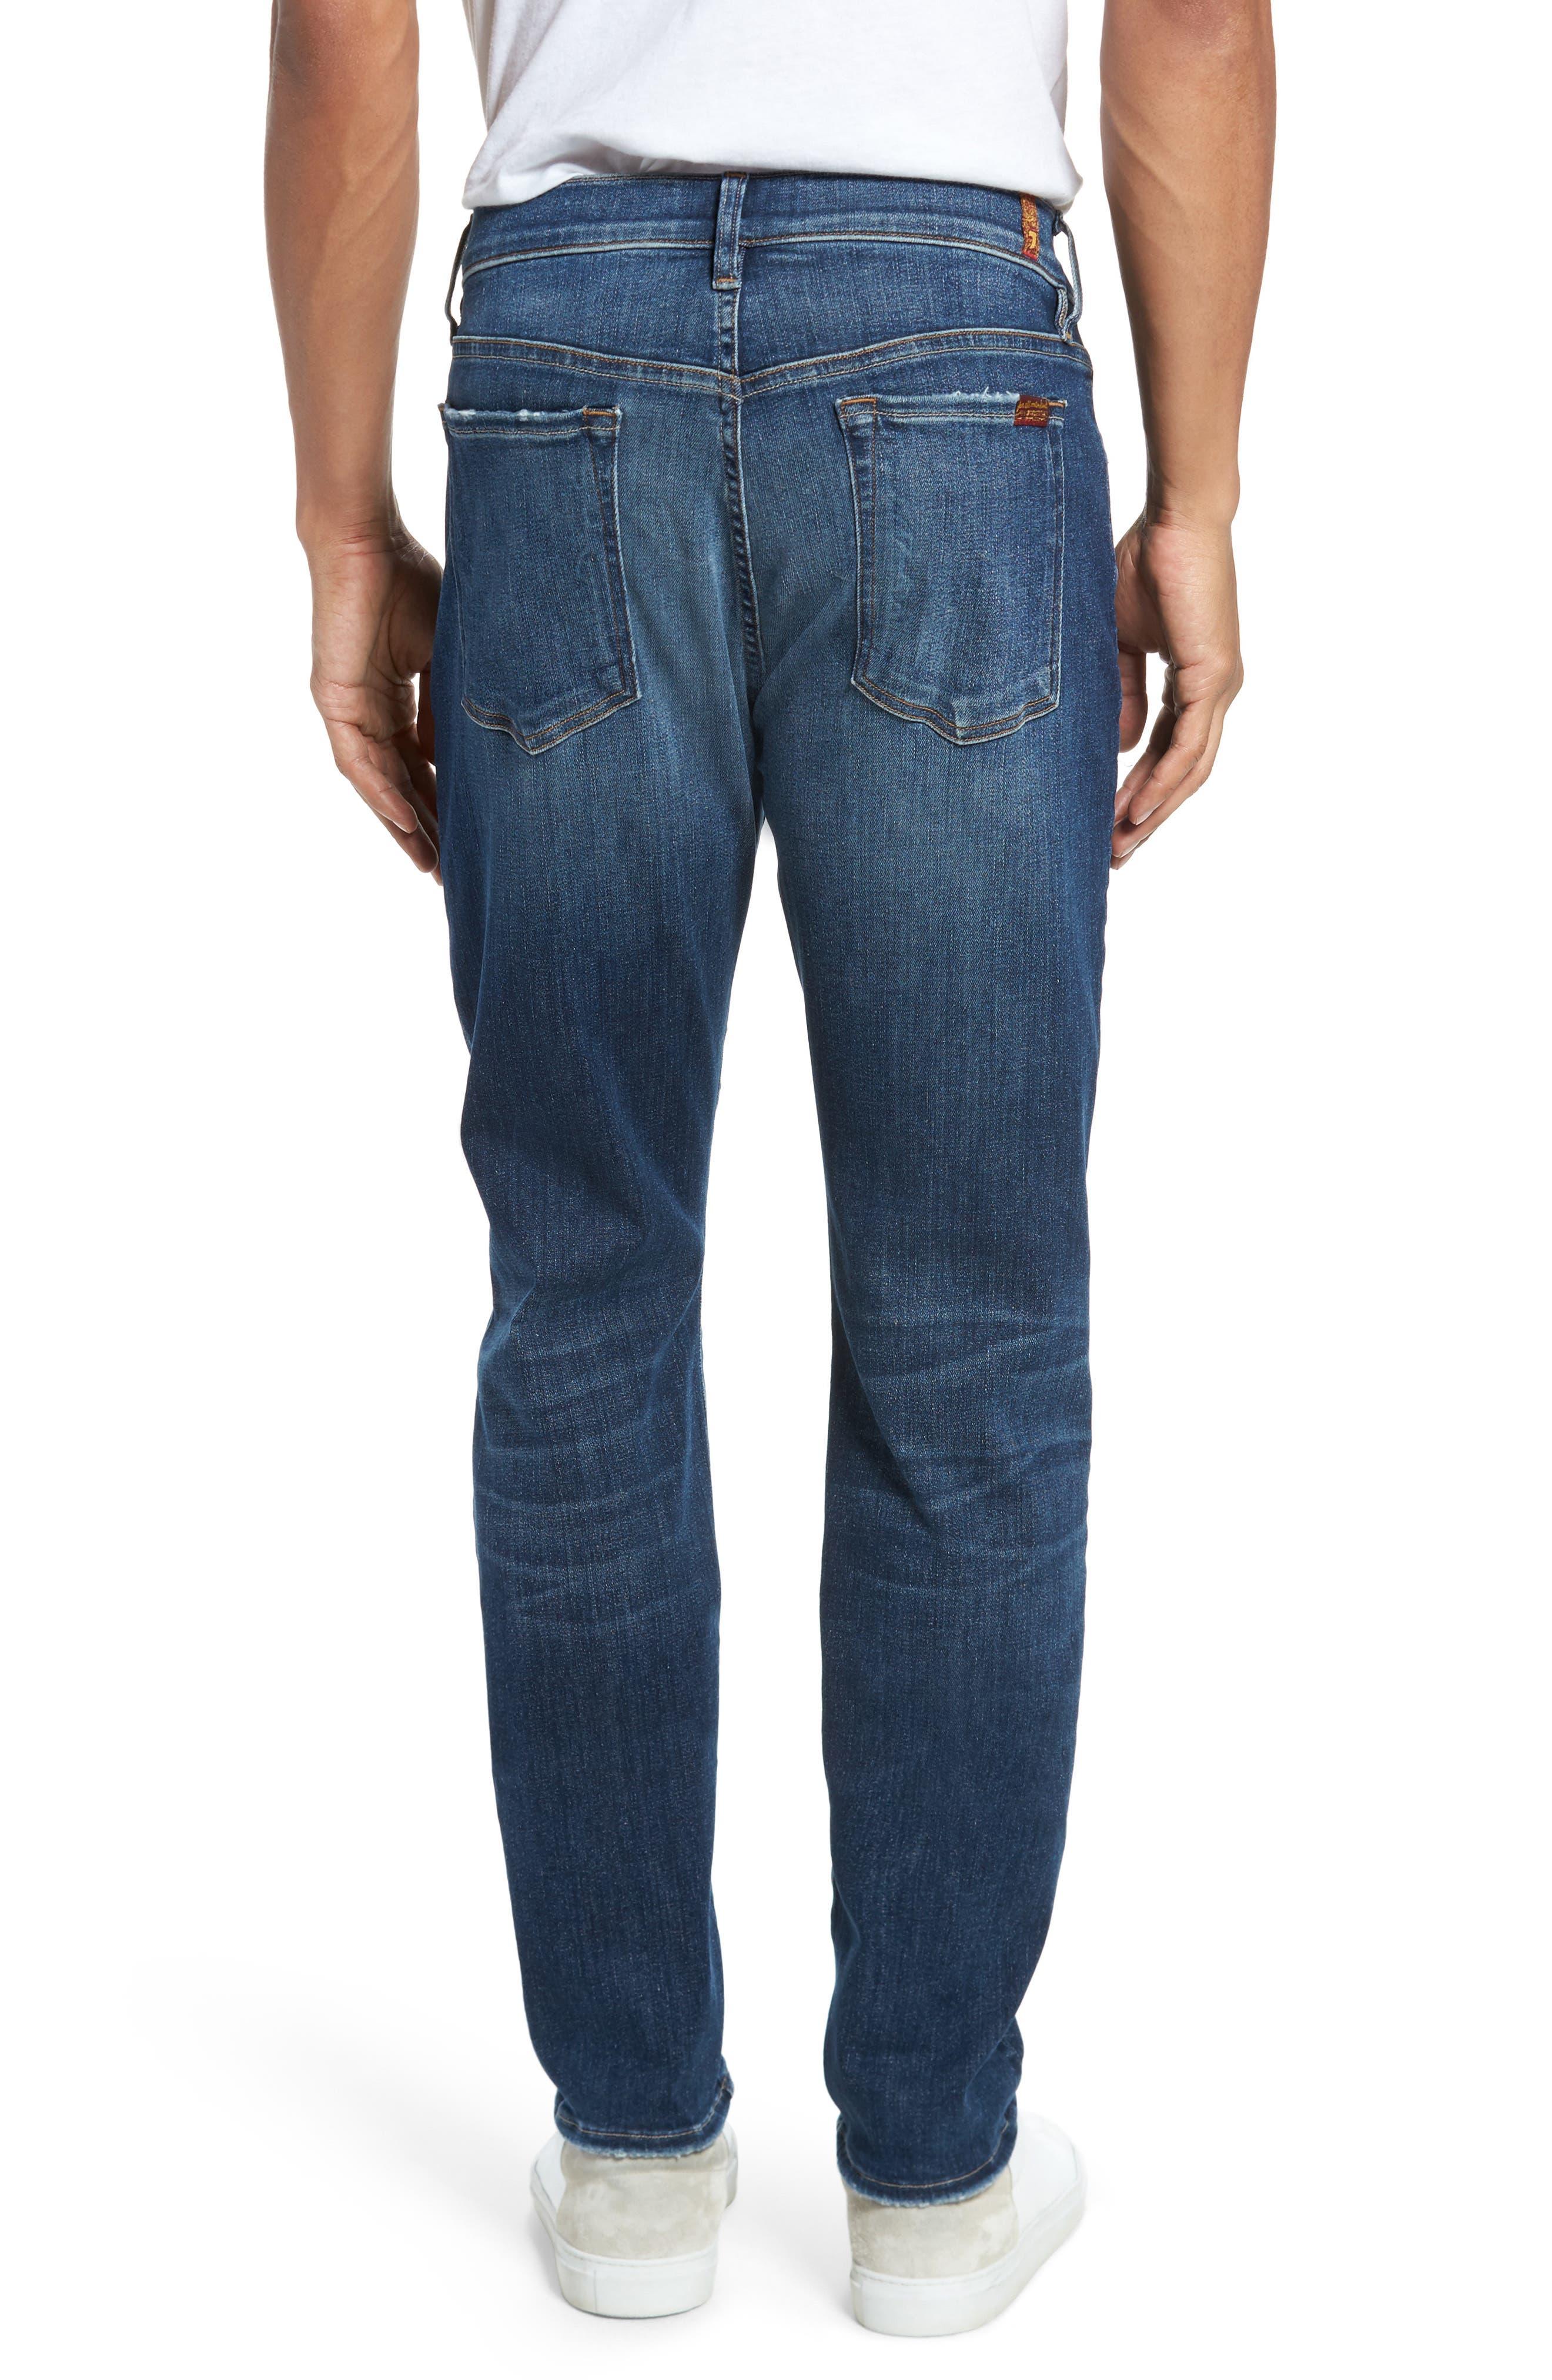 Adrien Slim Fit Jeans,                             Alternate thumbnail 2, color,                             402